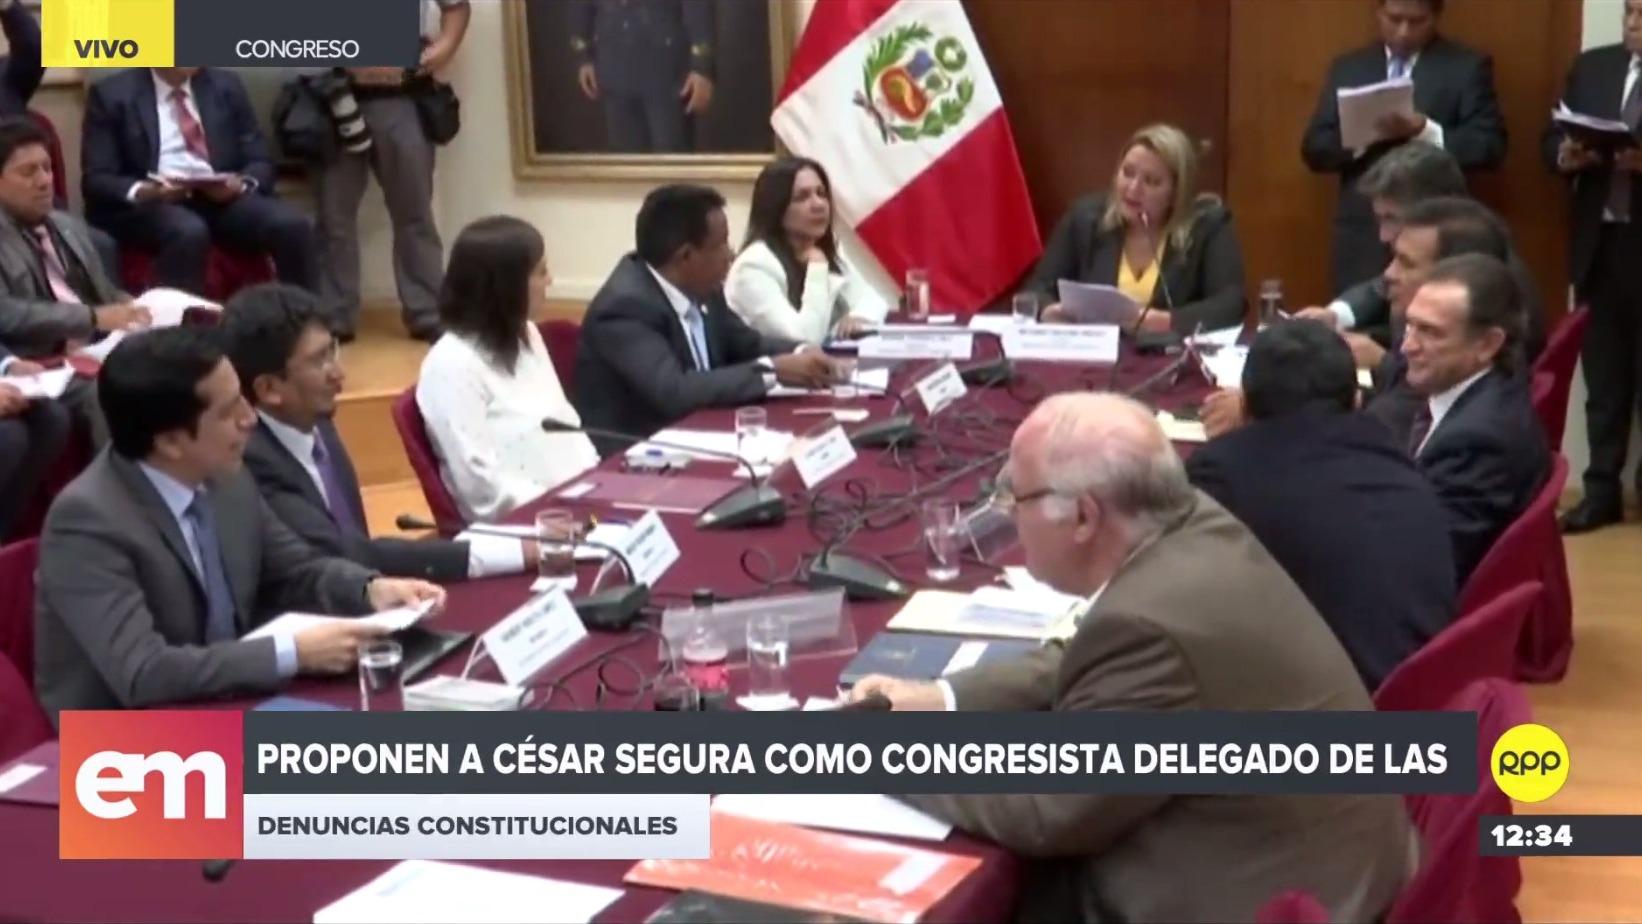 César Segura dirigirá la investigación contra Kenji Fujimori en subcomisión del Congreso